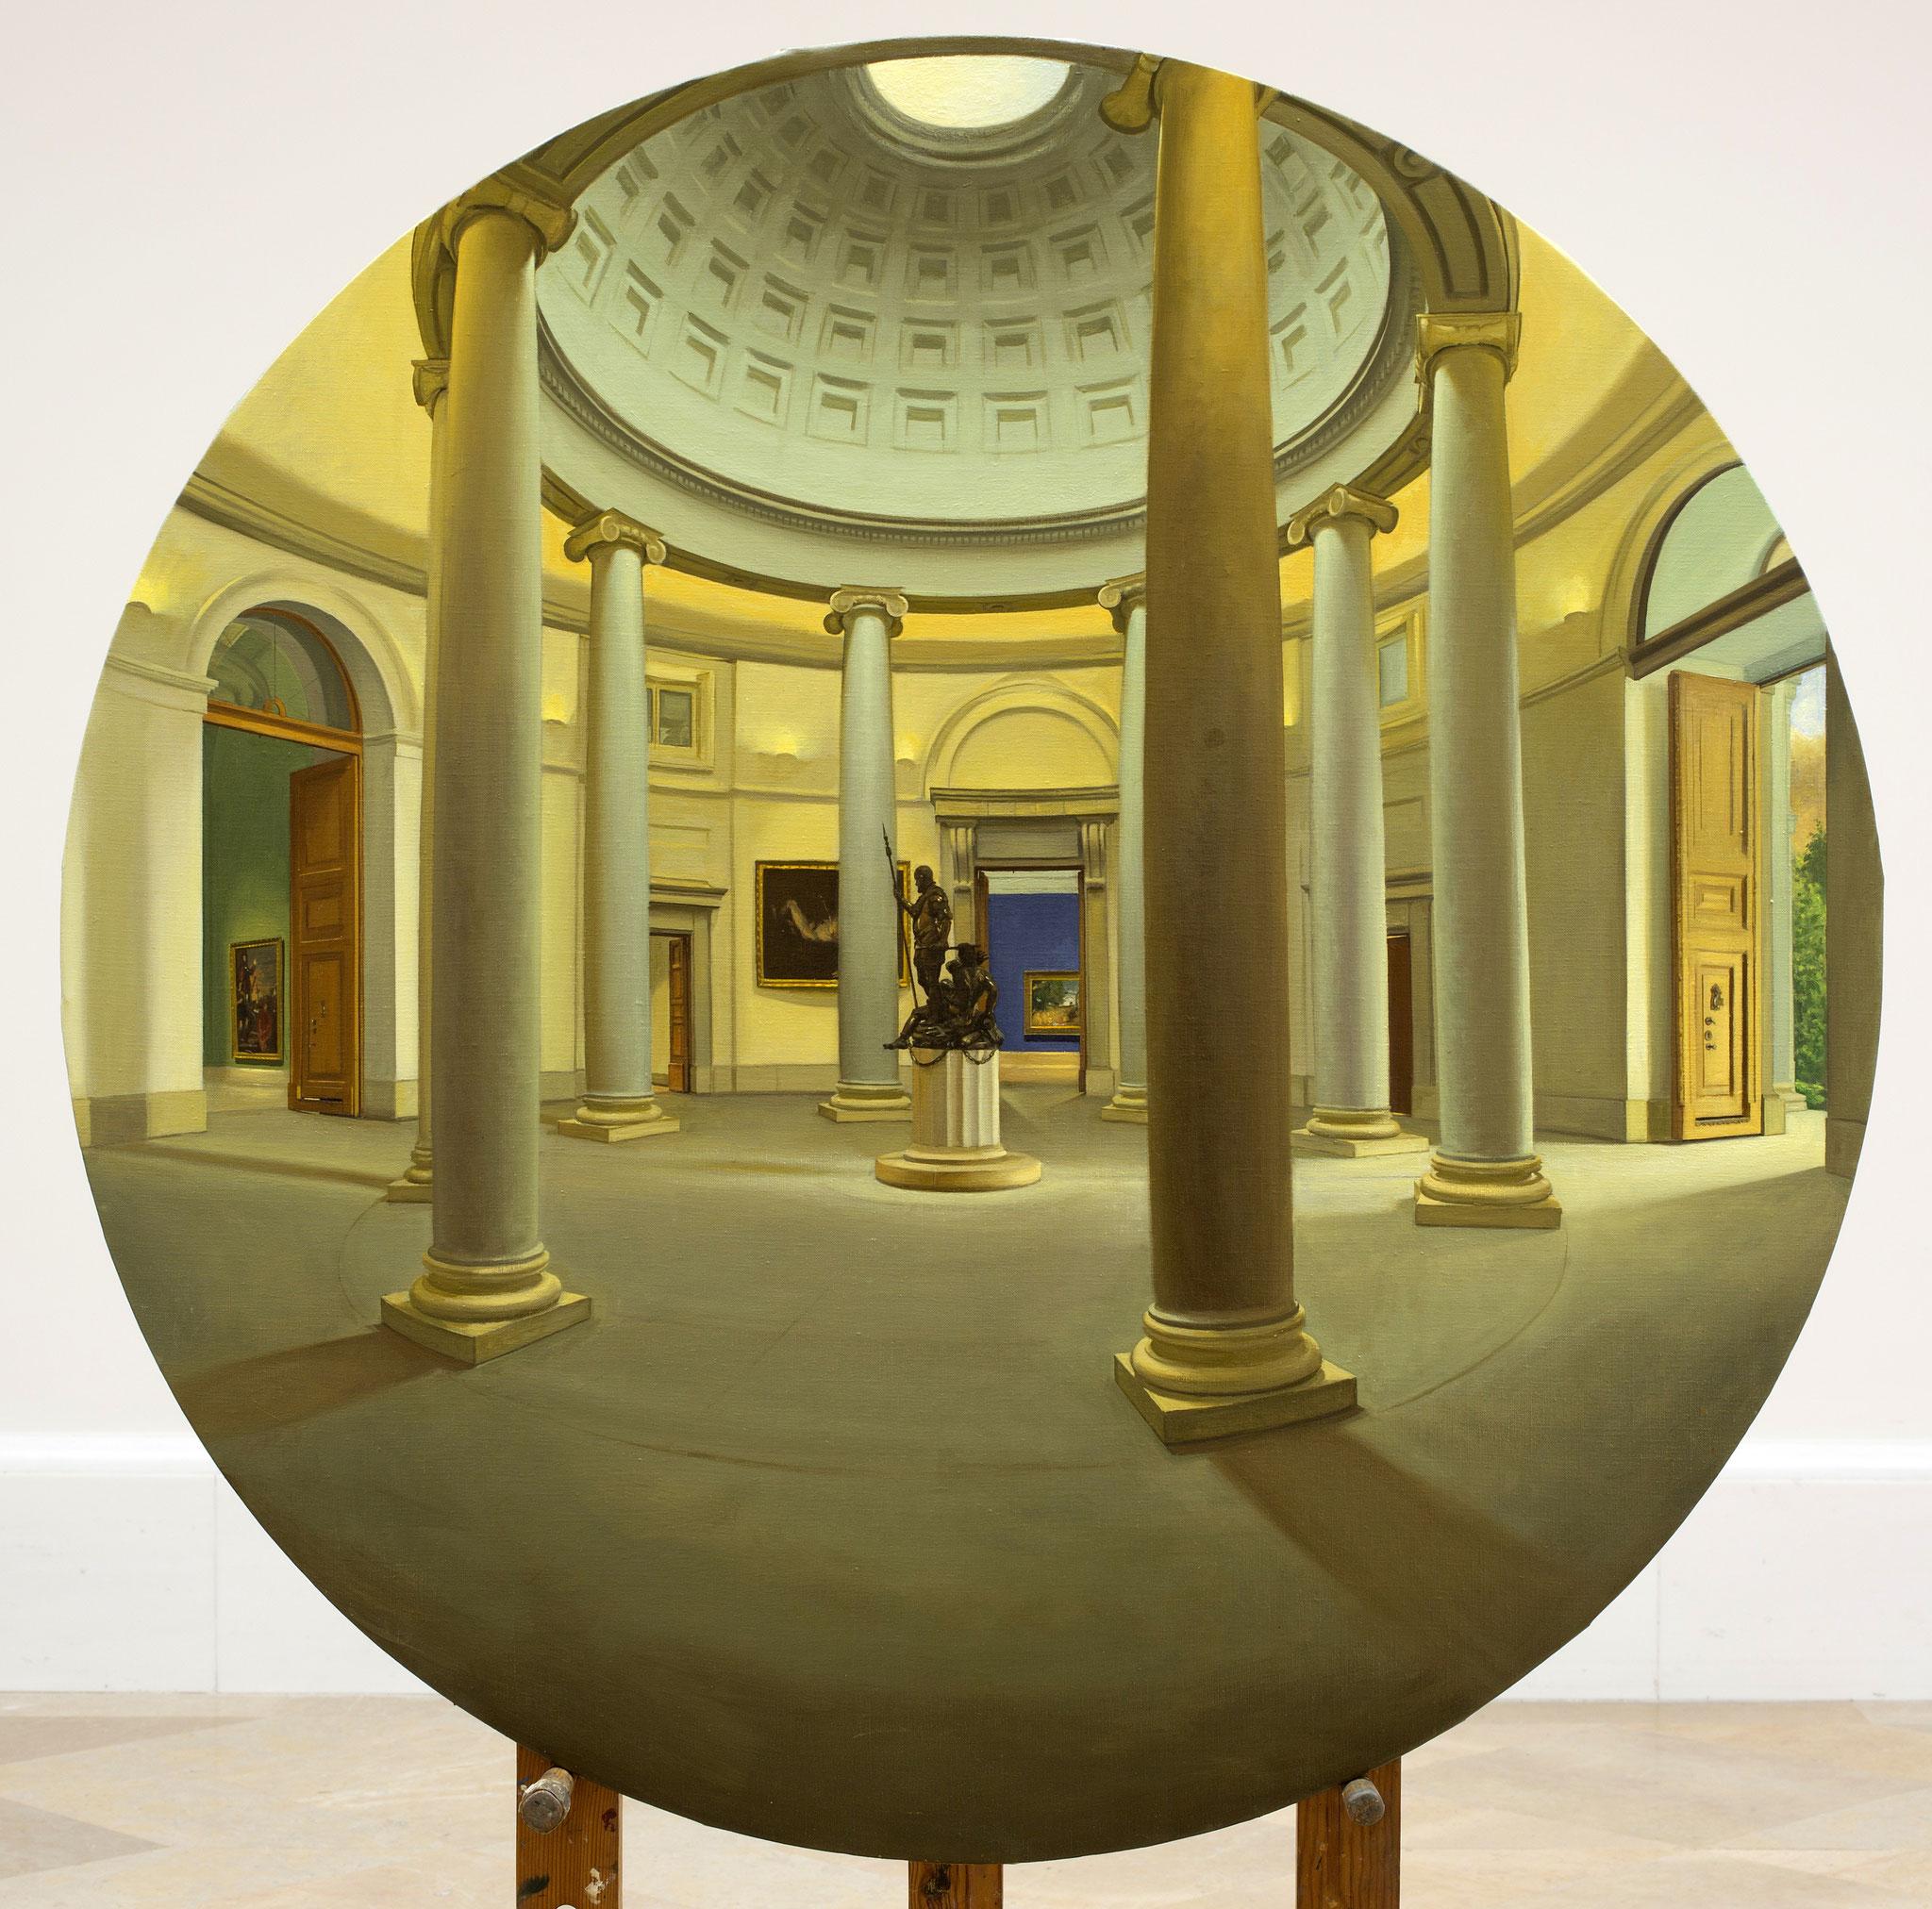 Vista de la rotonda del Museo del Prado. Óleo sobre lienzo, 120 cms. diámetro.